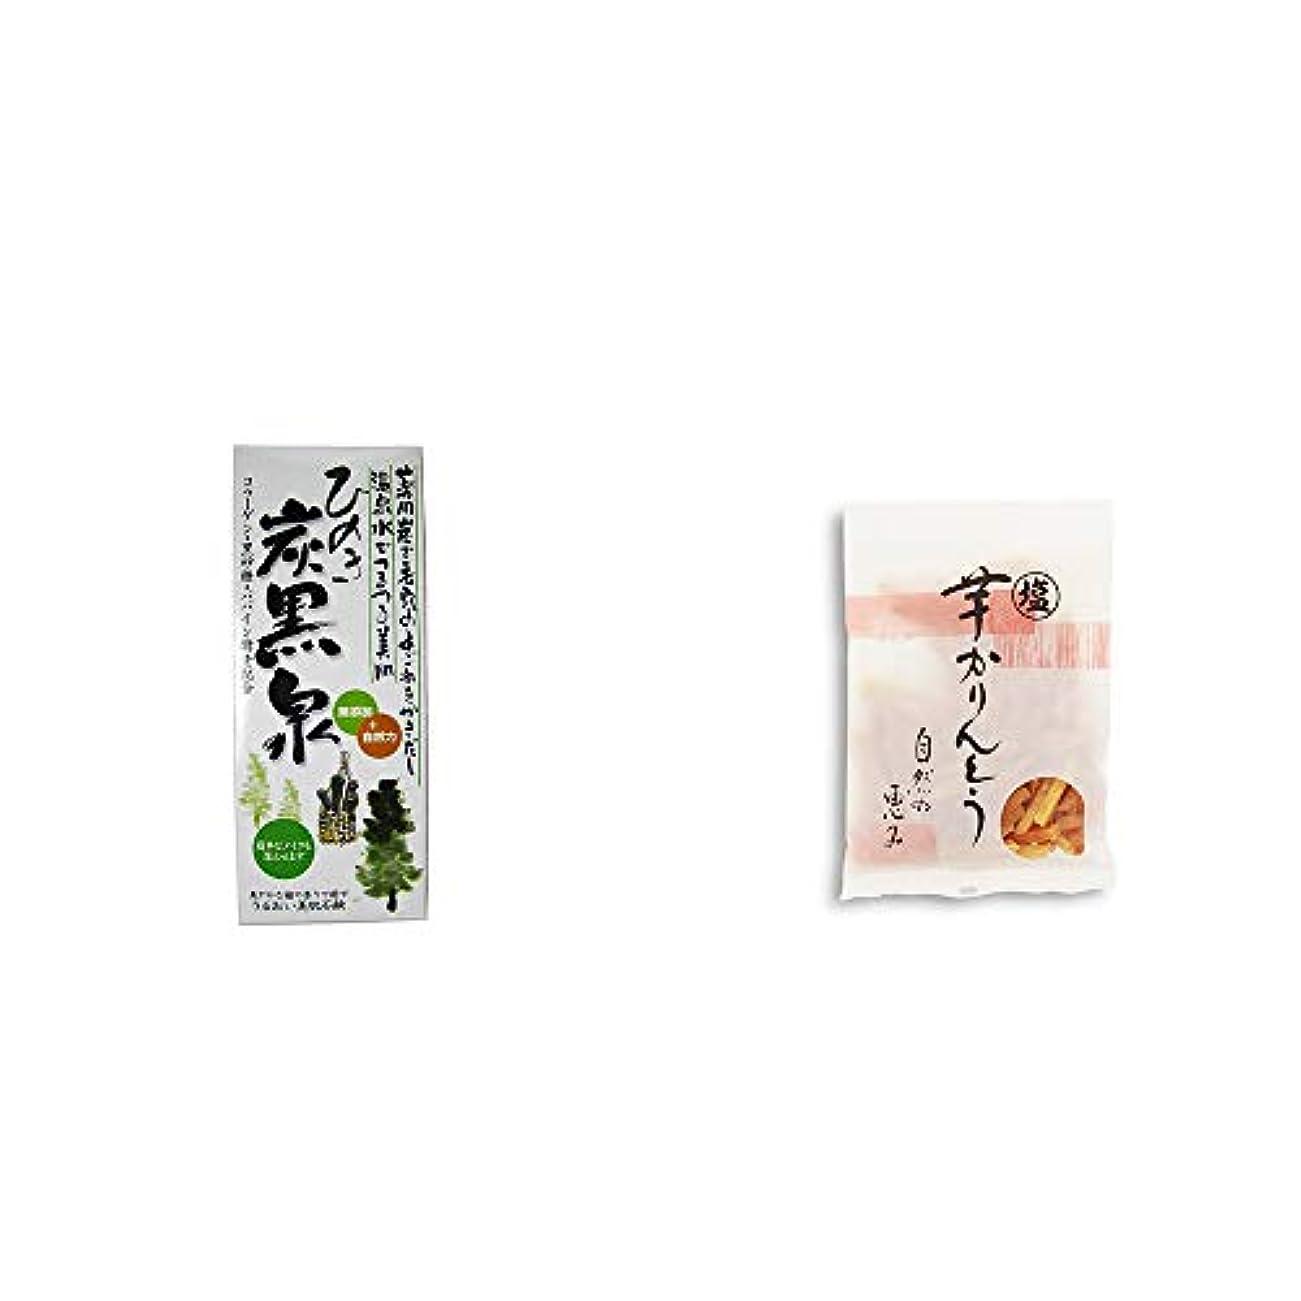 パイントフォーカスカセット[2点セット] ひのき炭黒泉 箱入り(75g×3)?塩芋かりんとう(150g)